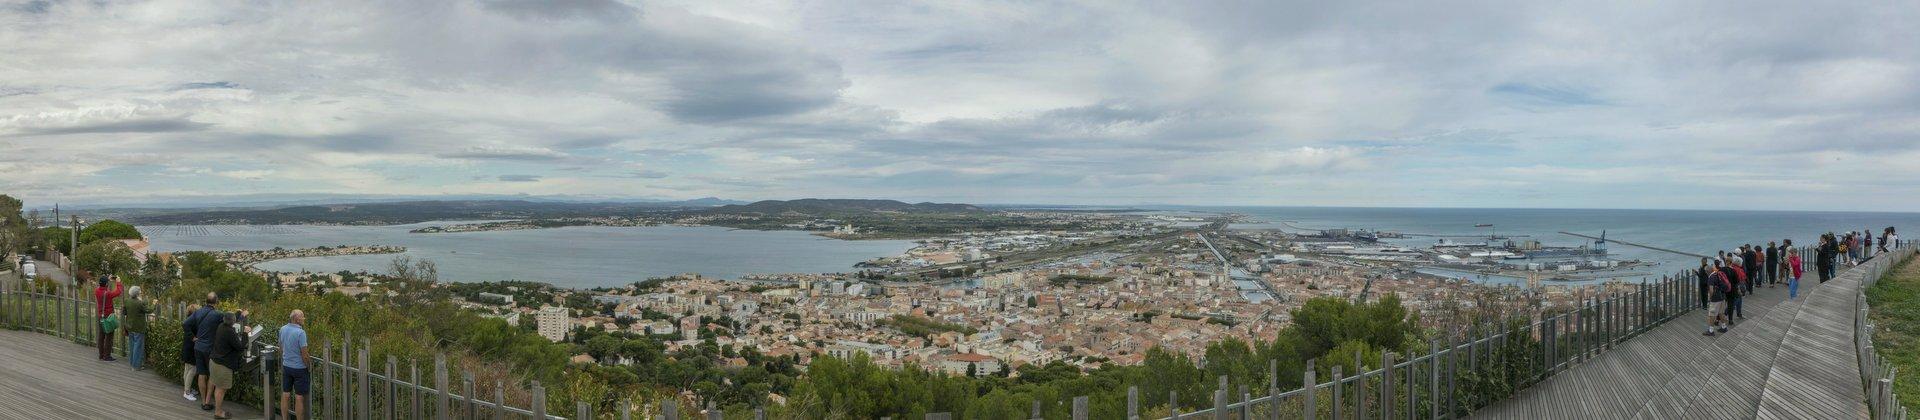 Panorama der Aussichtsplattform Saint-Claire in Sète